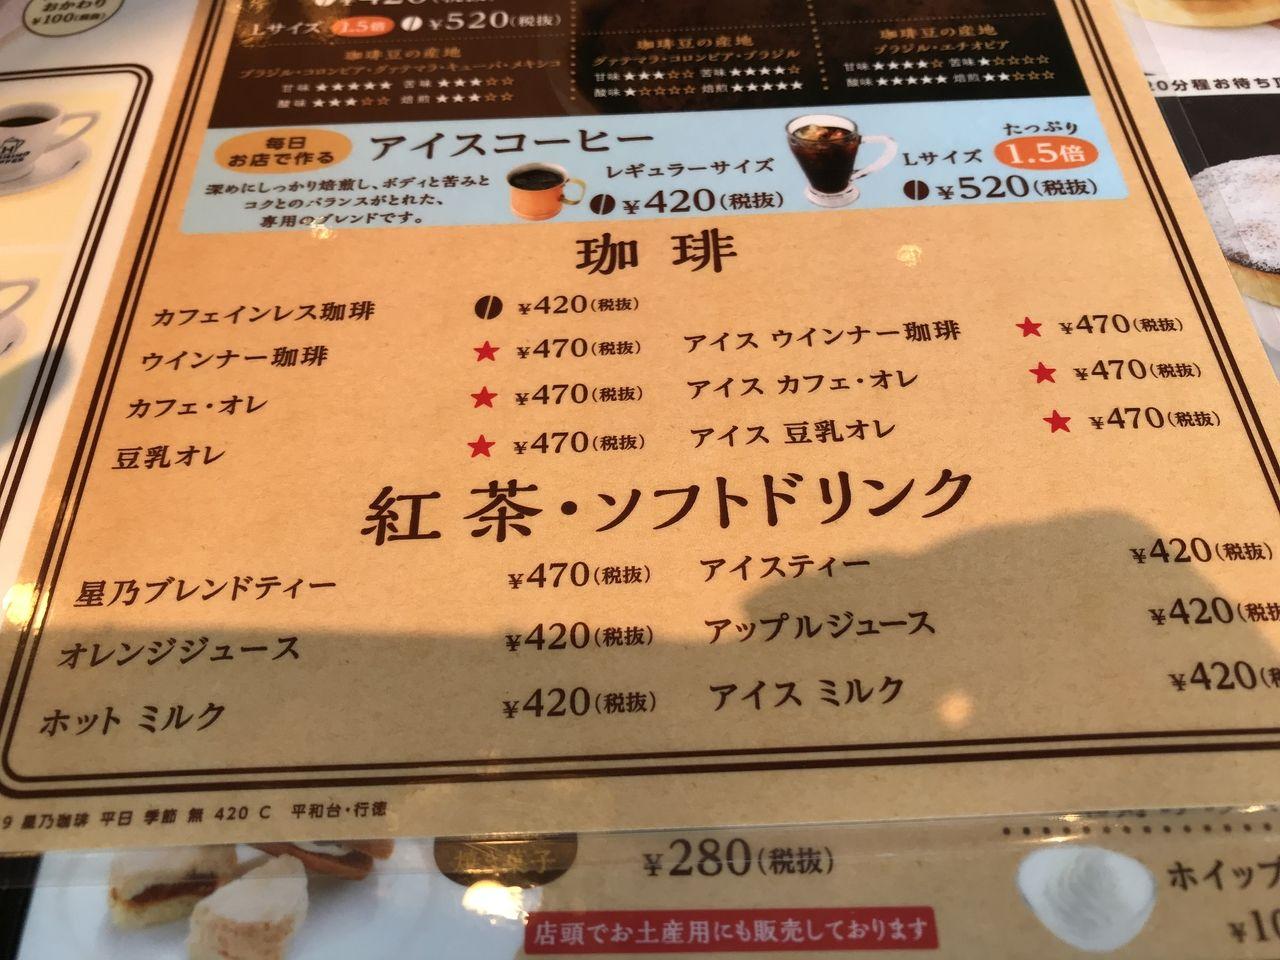 行徳の星乃珈琲店のドリンクメニュー